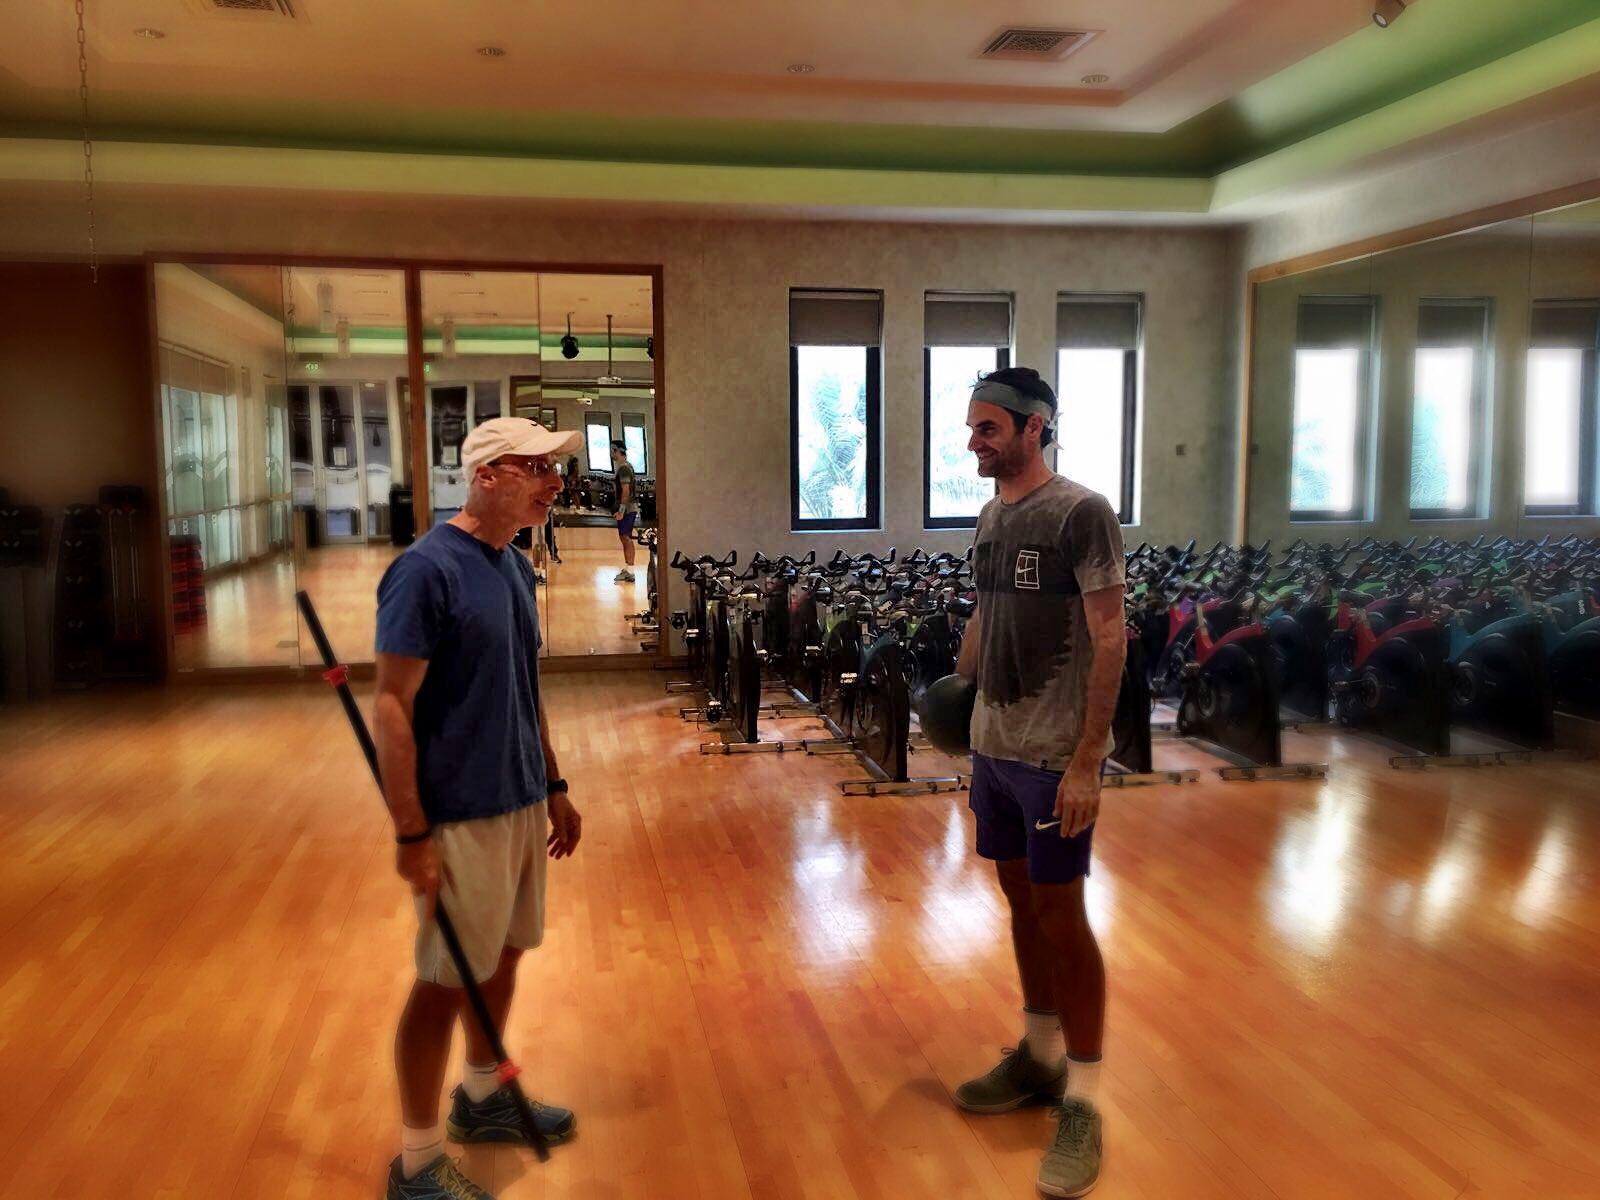 Gym time  ��️ �� https://t.co/9Z0s9Nvsi0